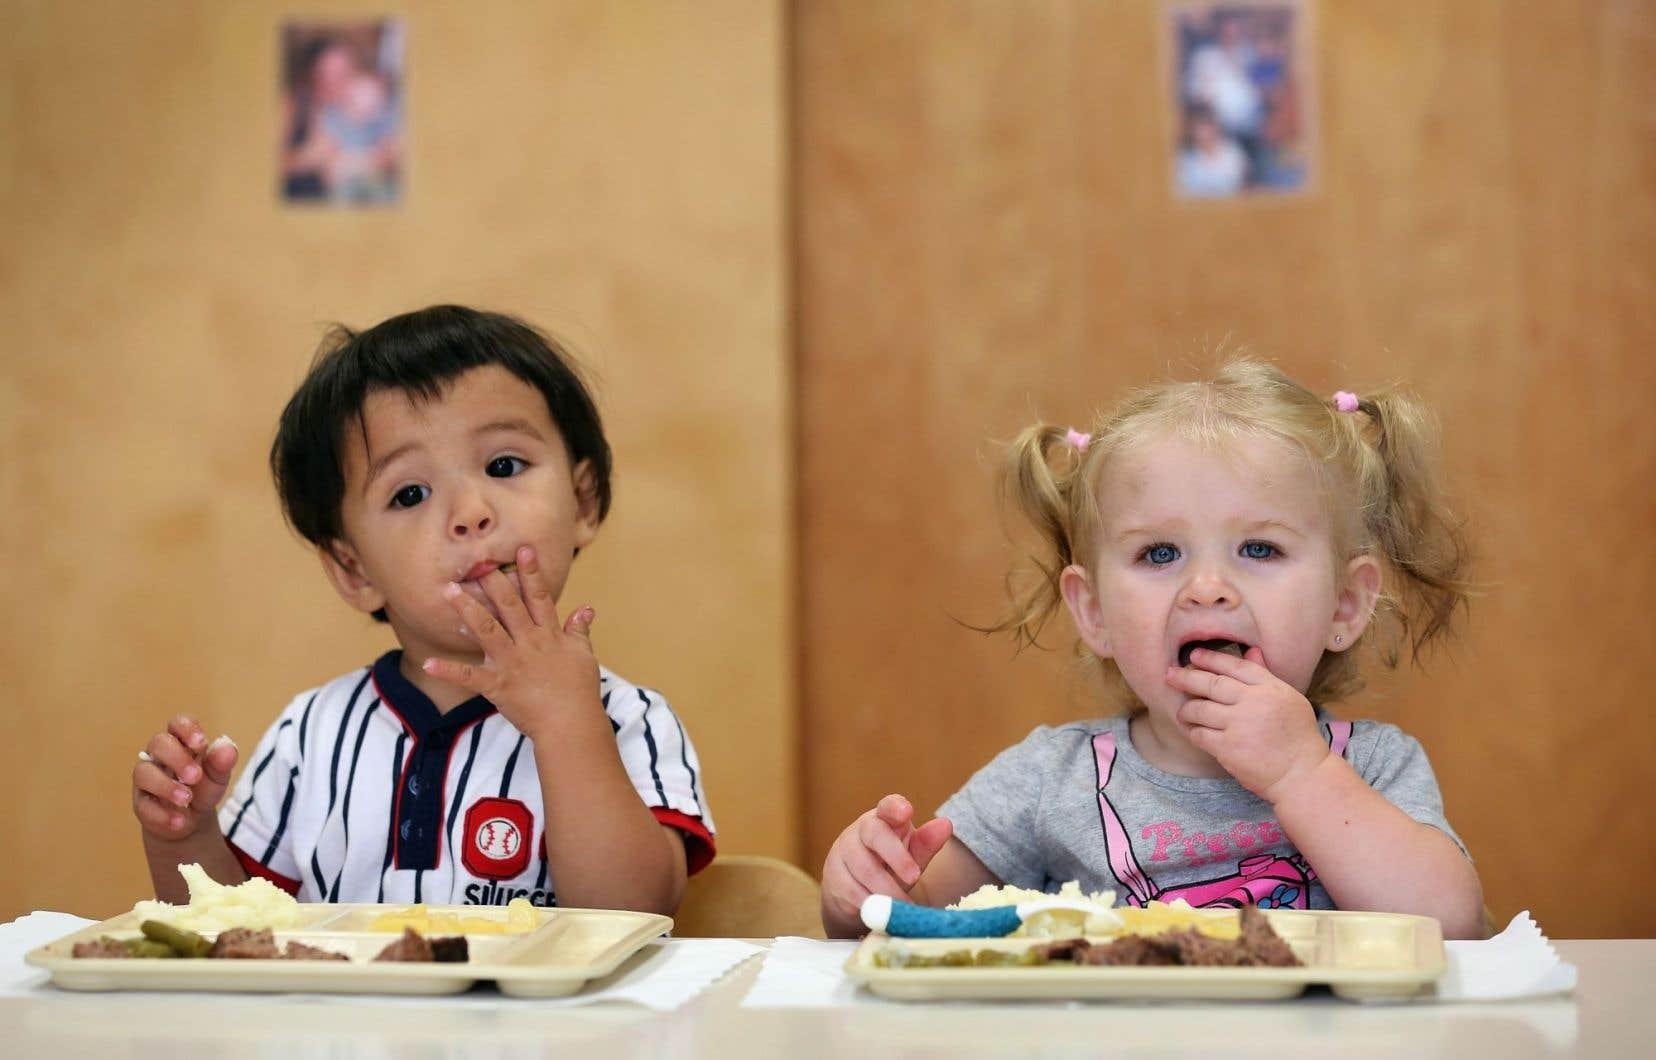 La distribution de repas gratuits aux élèves est considérée comme le programme social le plus important dans le monde.